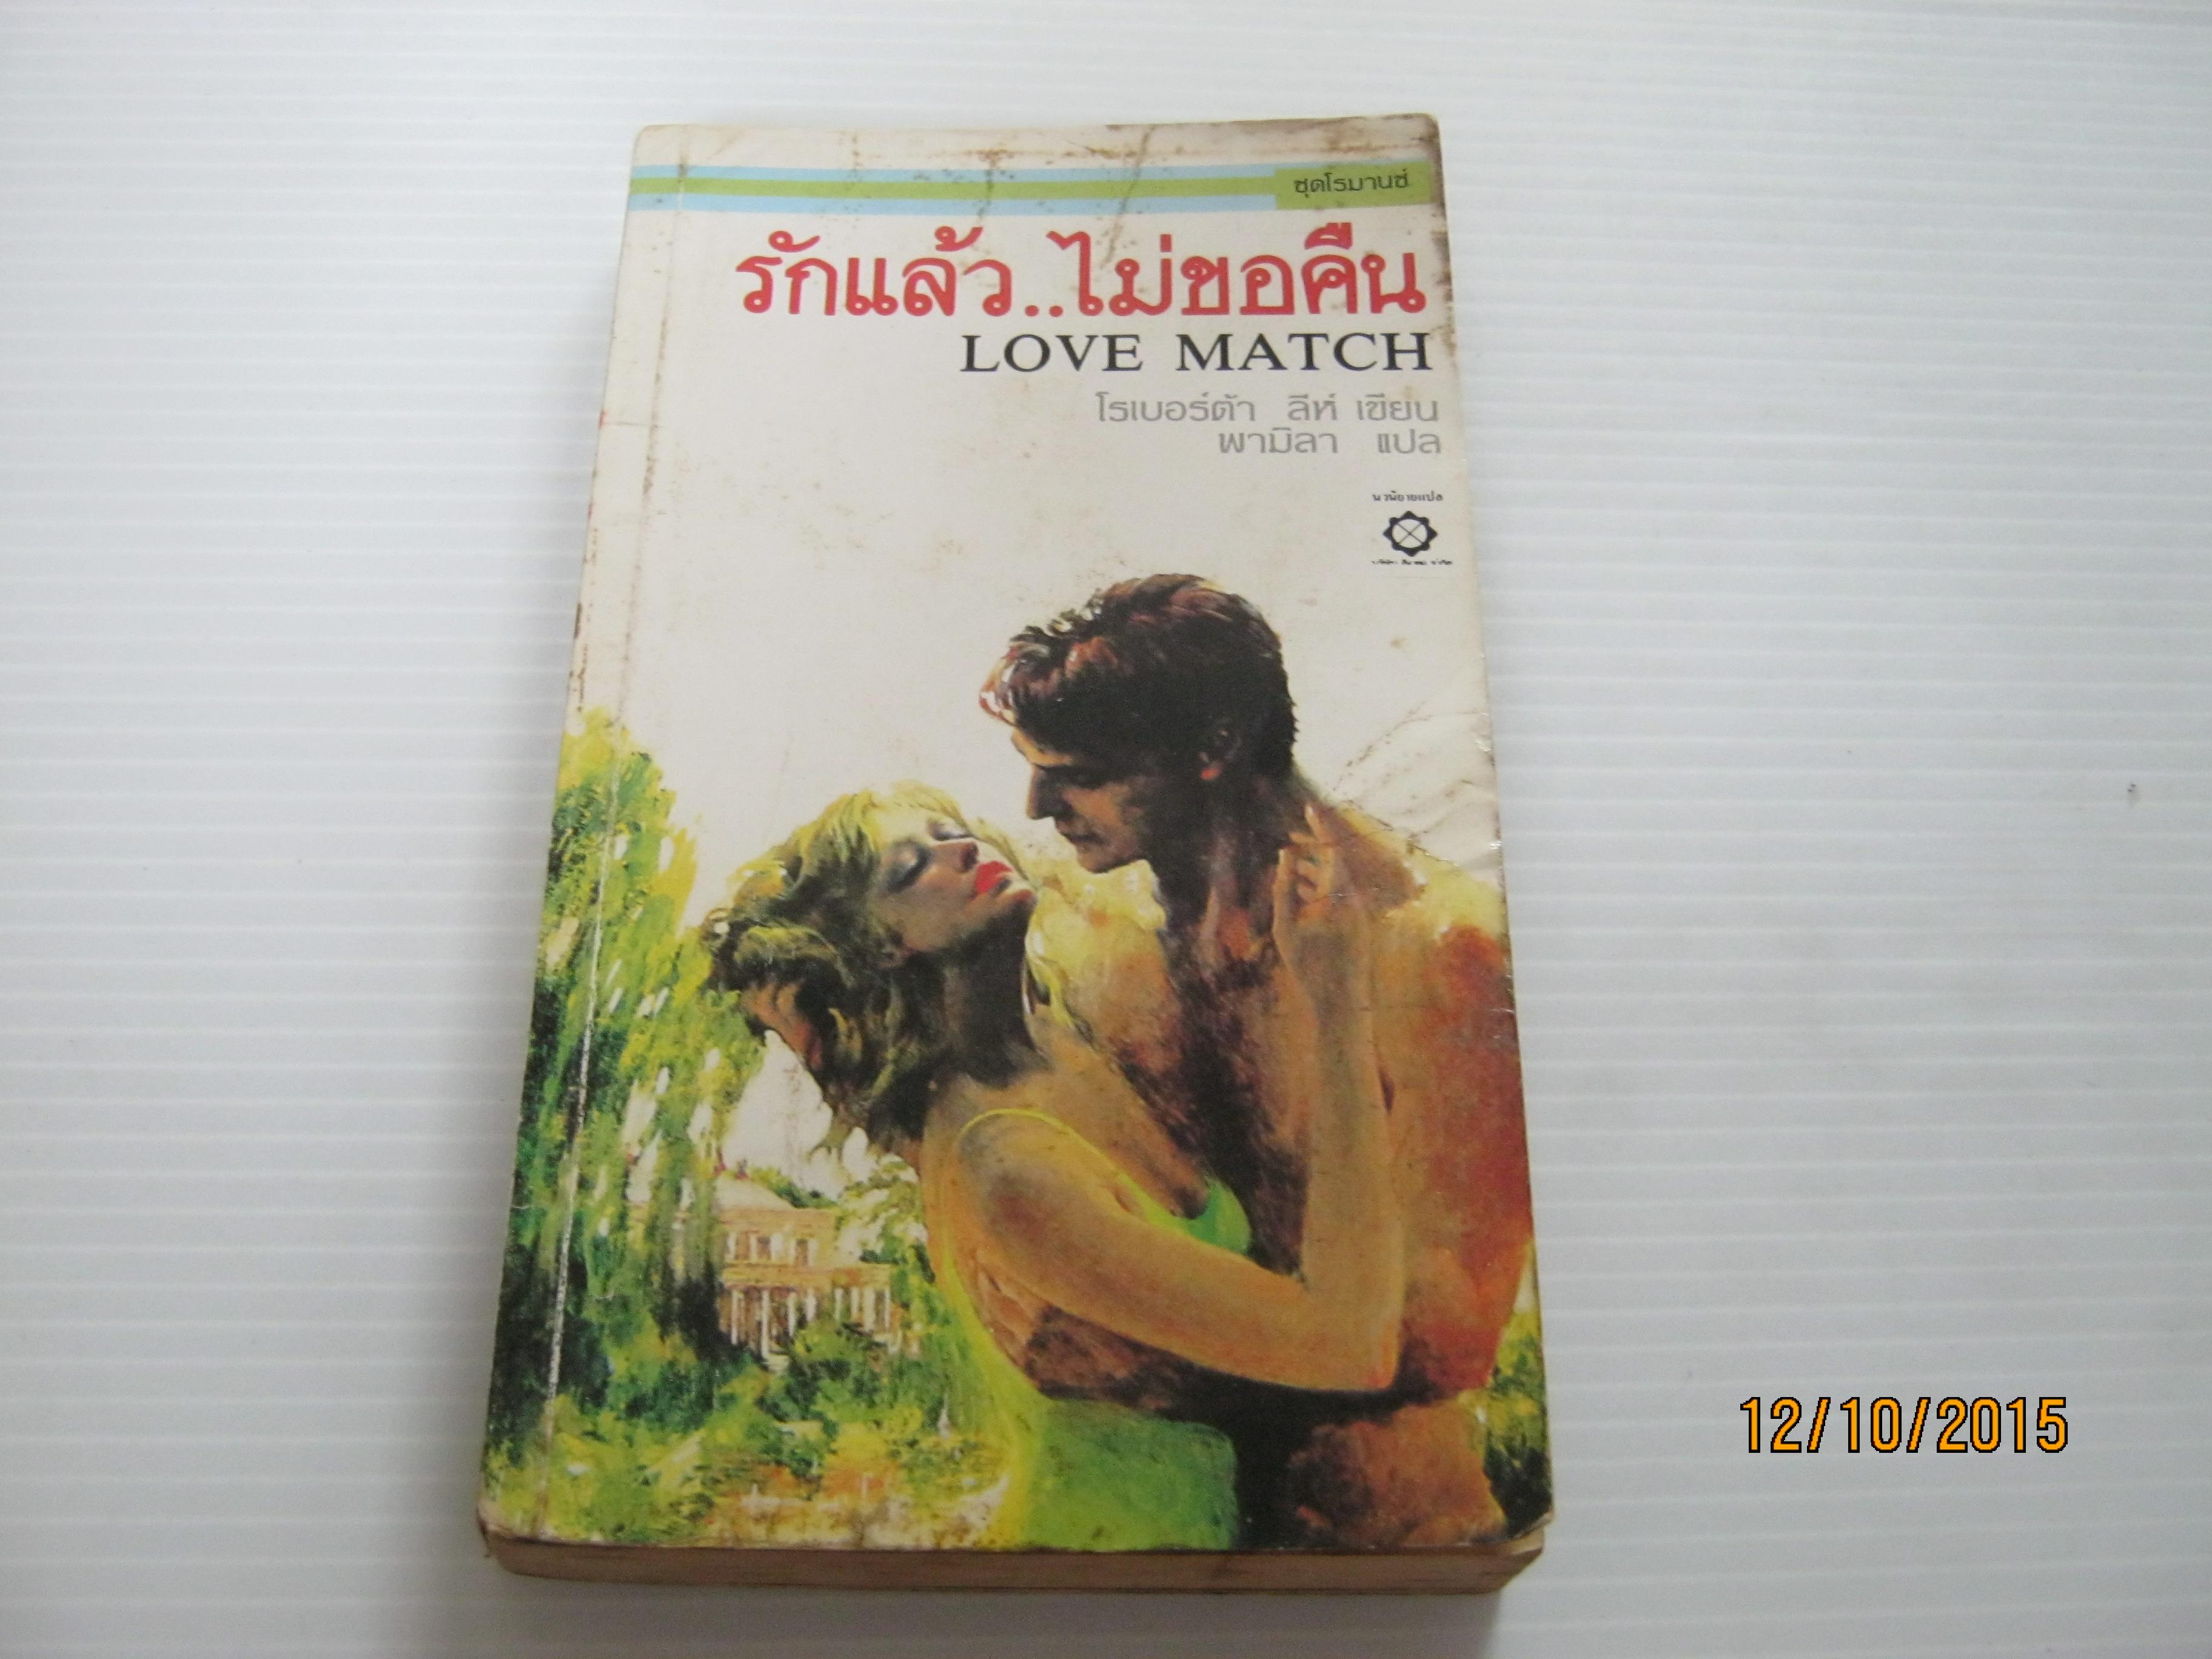 รักแล้ว...ไม่ขอคืน (Love Match) โรเบอร์ต้า ลีห์ เขียน พามิลา แปล